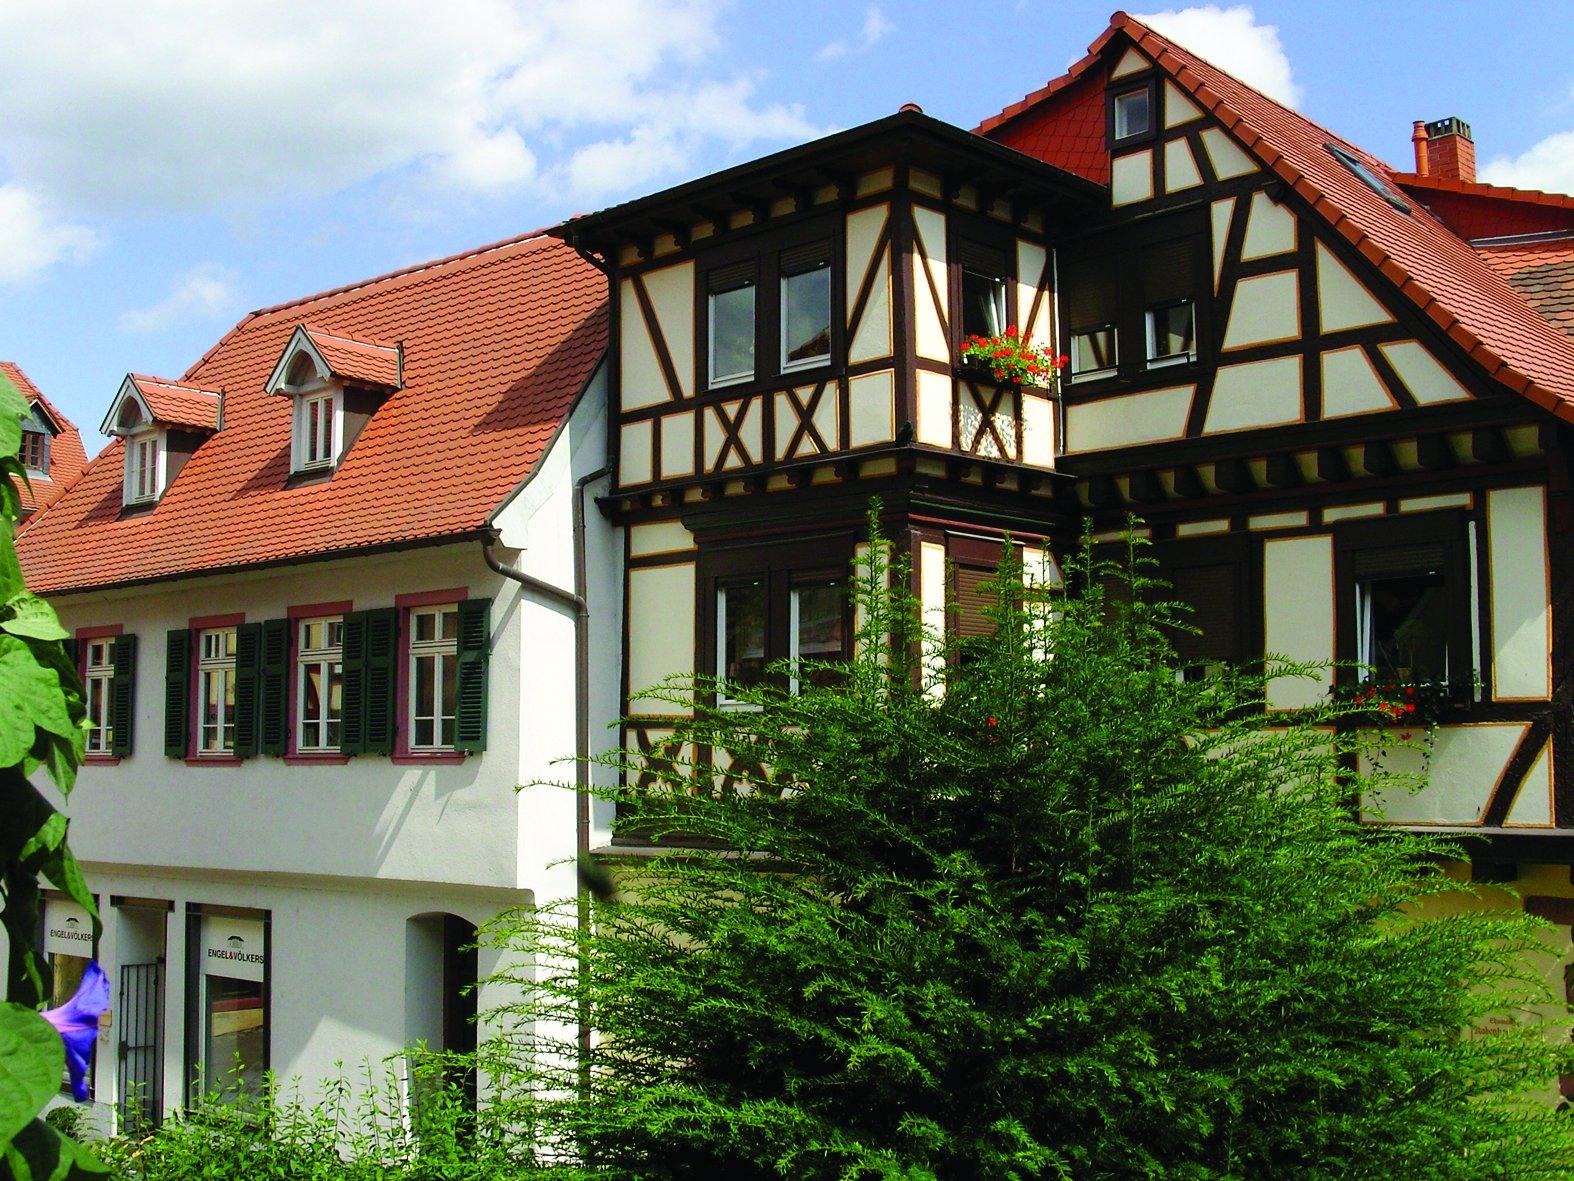 Rabenhauptscher Hof in Weinheim